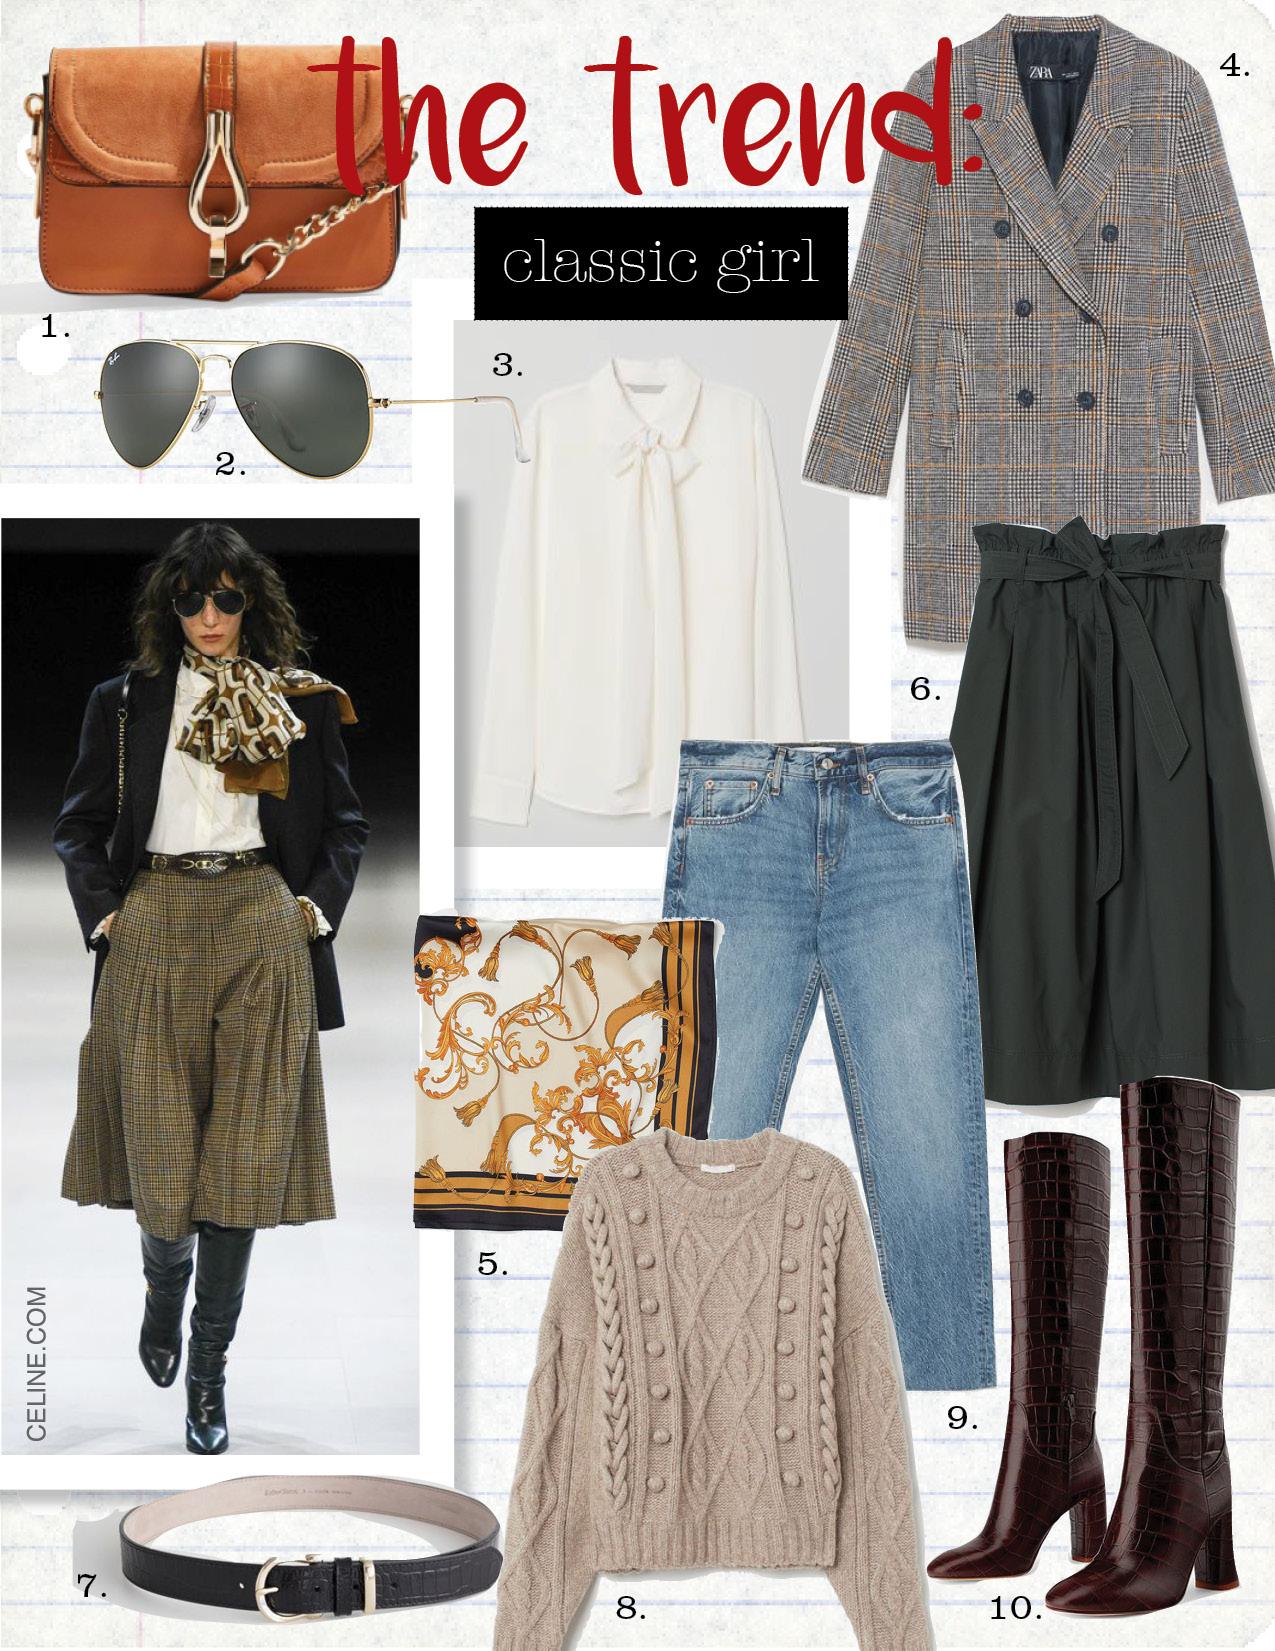 1. topshop capricorn cross body bag, $48,  topshop.com  2. ray-ban aviator classic, $153,  ray-ban.com  3. h&m silk tie blouse, $129,  hm.com  4. zara plaid coat, $49,  zara.com  5. h&m patterned satin scarf, $9,  hm.com  6. h&m calf-length skirt, $34,  hm.com  7. & other stories croco leather belt, $59,  stories.com  8. h&m cable-knit sweater, $49,  hm.com  9. zara cigarette jeans, $69,  zara.com  10. zara animal print heeled leather boots, $229,  zara.com